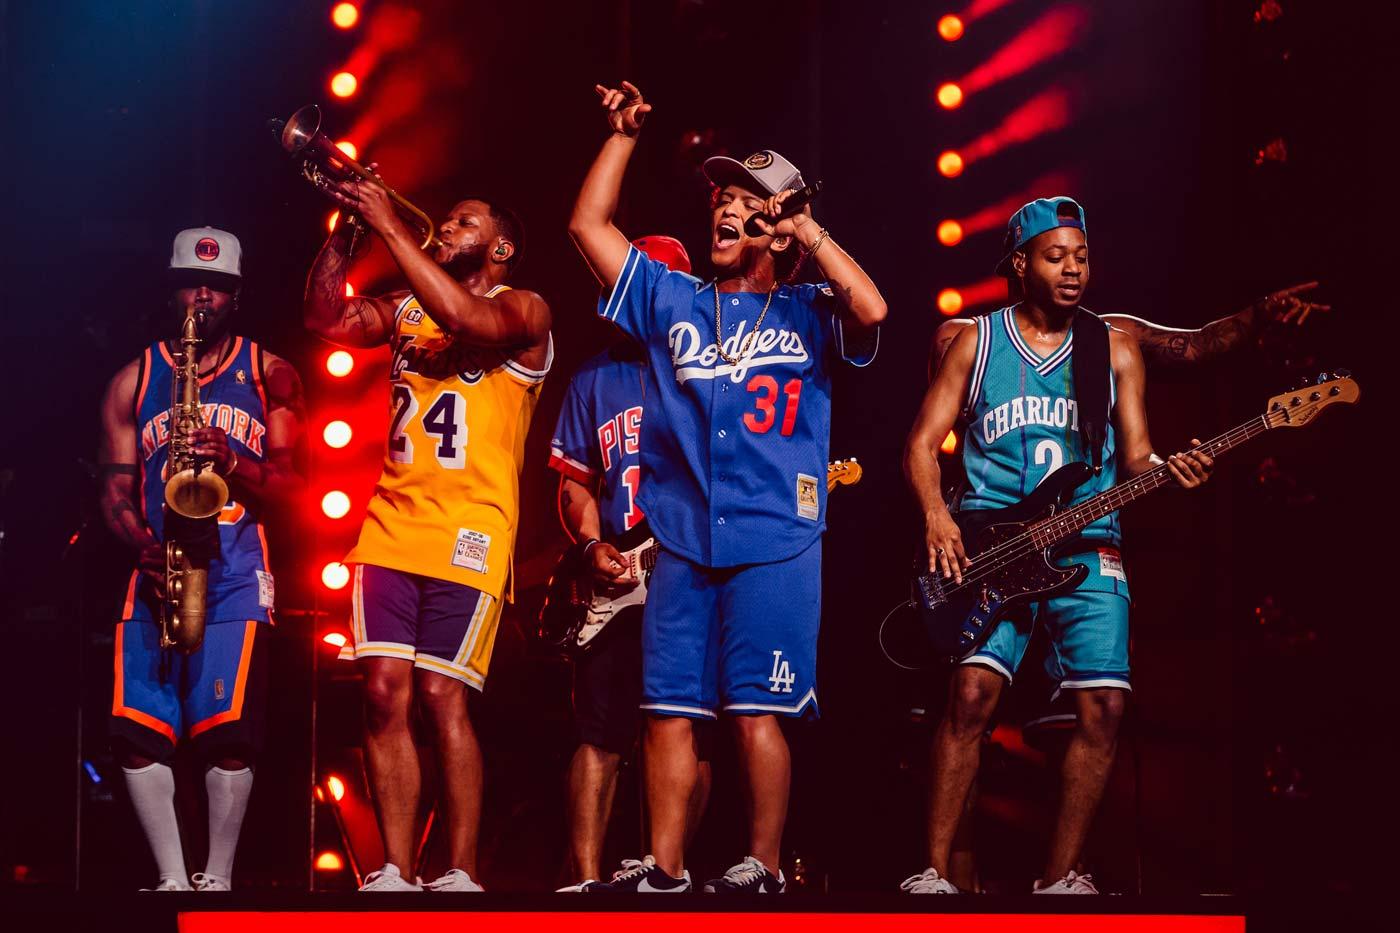 El sector de la música en directo sale triunfante de 2018